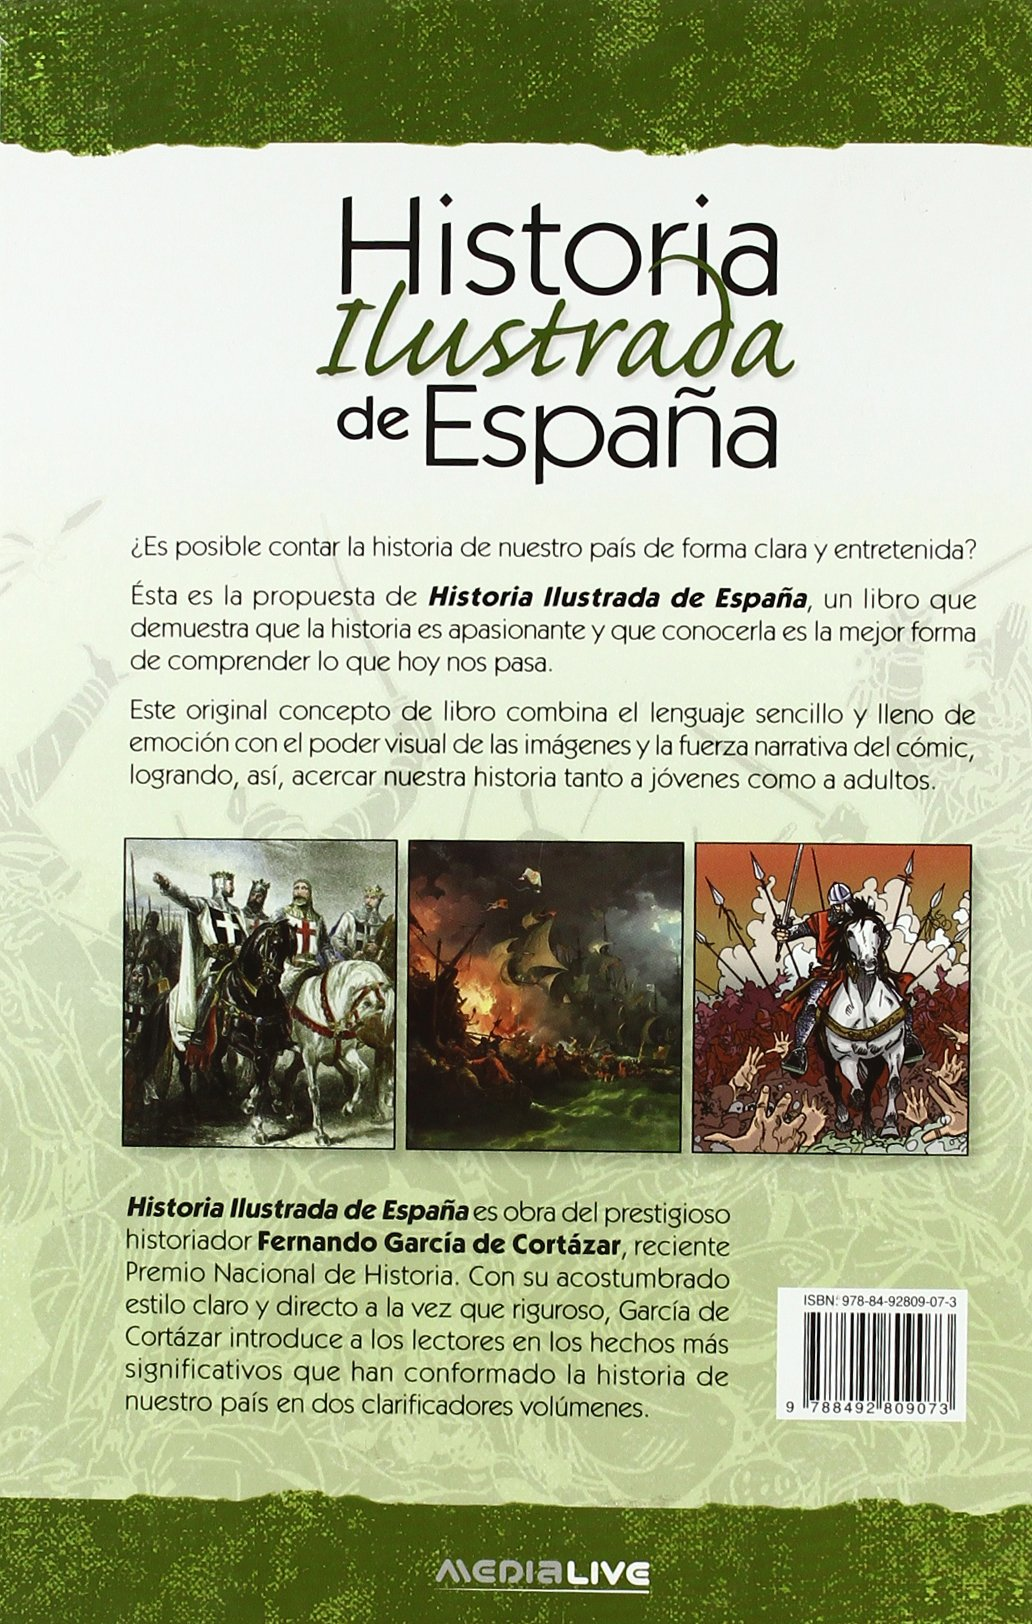 Historia ilustrada de España vol. 2: Amazon.es: Garcia De Cortazar, Fernando: Libros